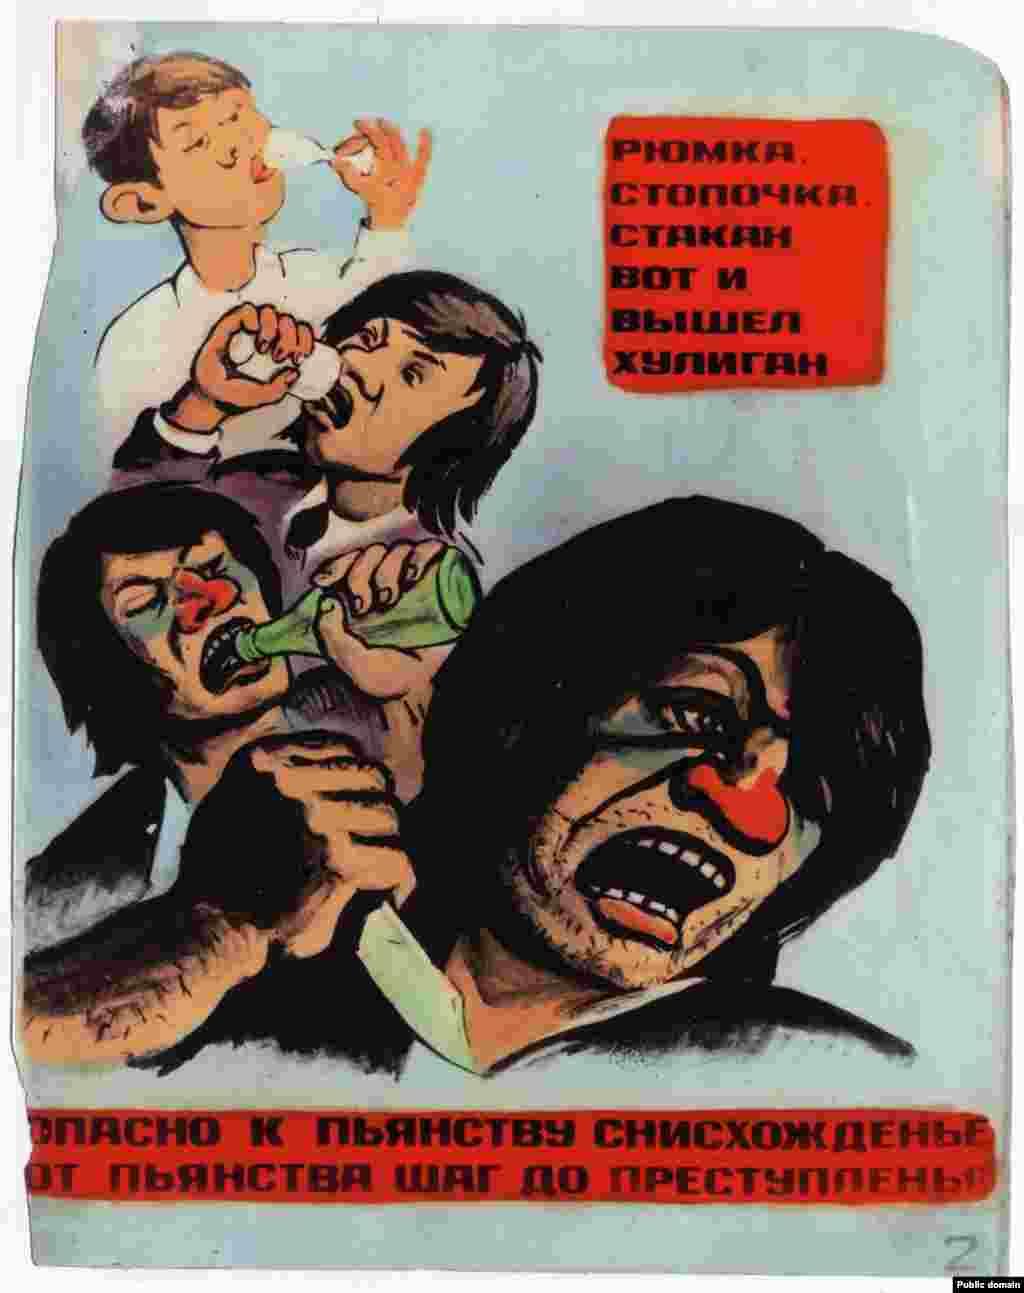 На іншому плакаті з 1985 року зображена одна невелика чарка, яка призводить до серії все більших, перетворюючи пияка на «хулігана»